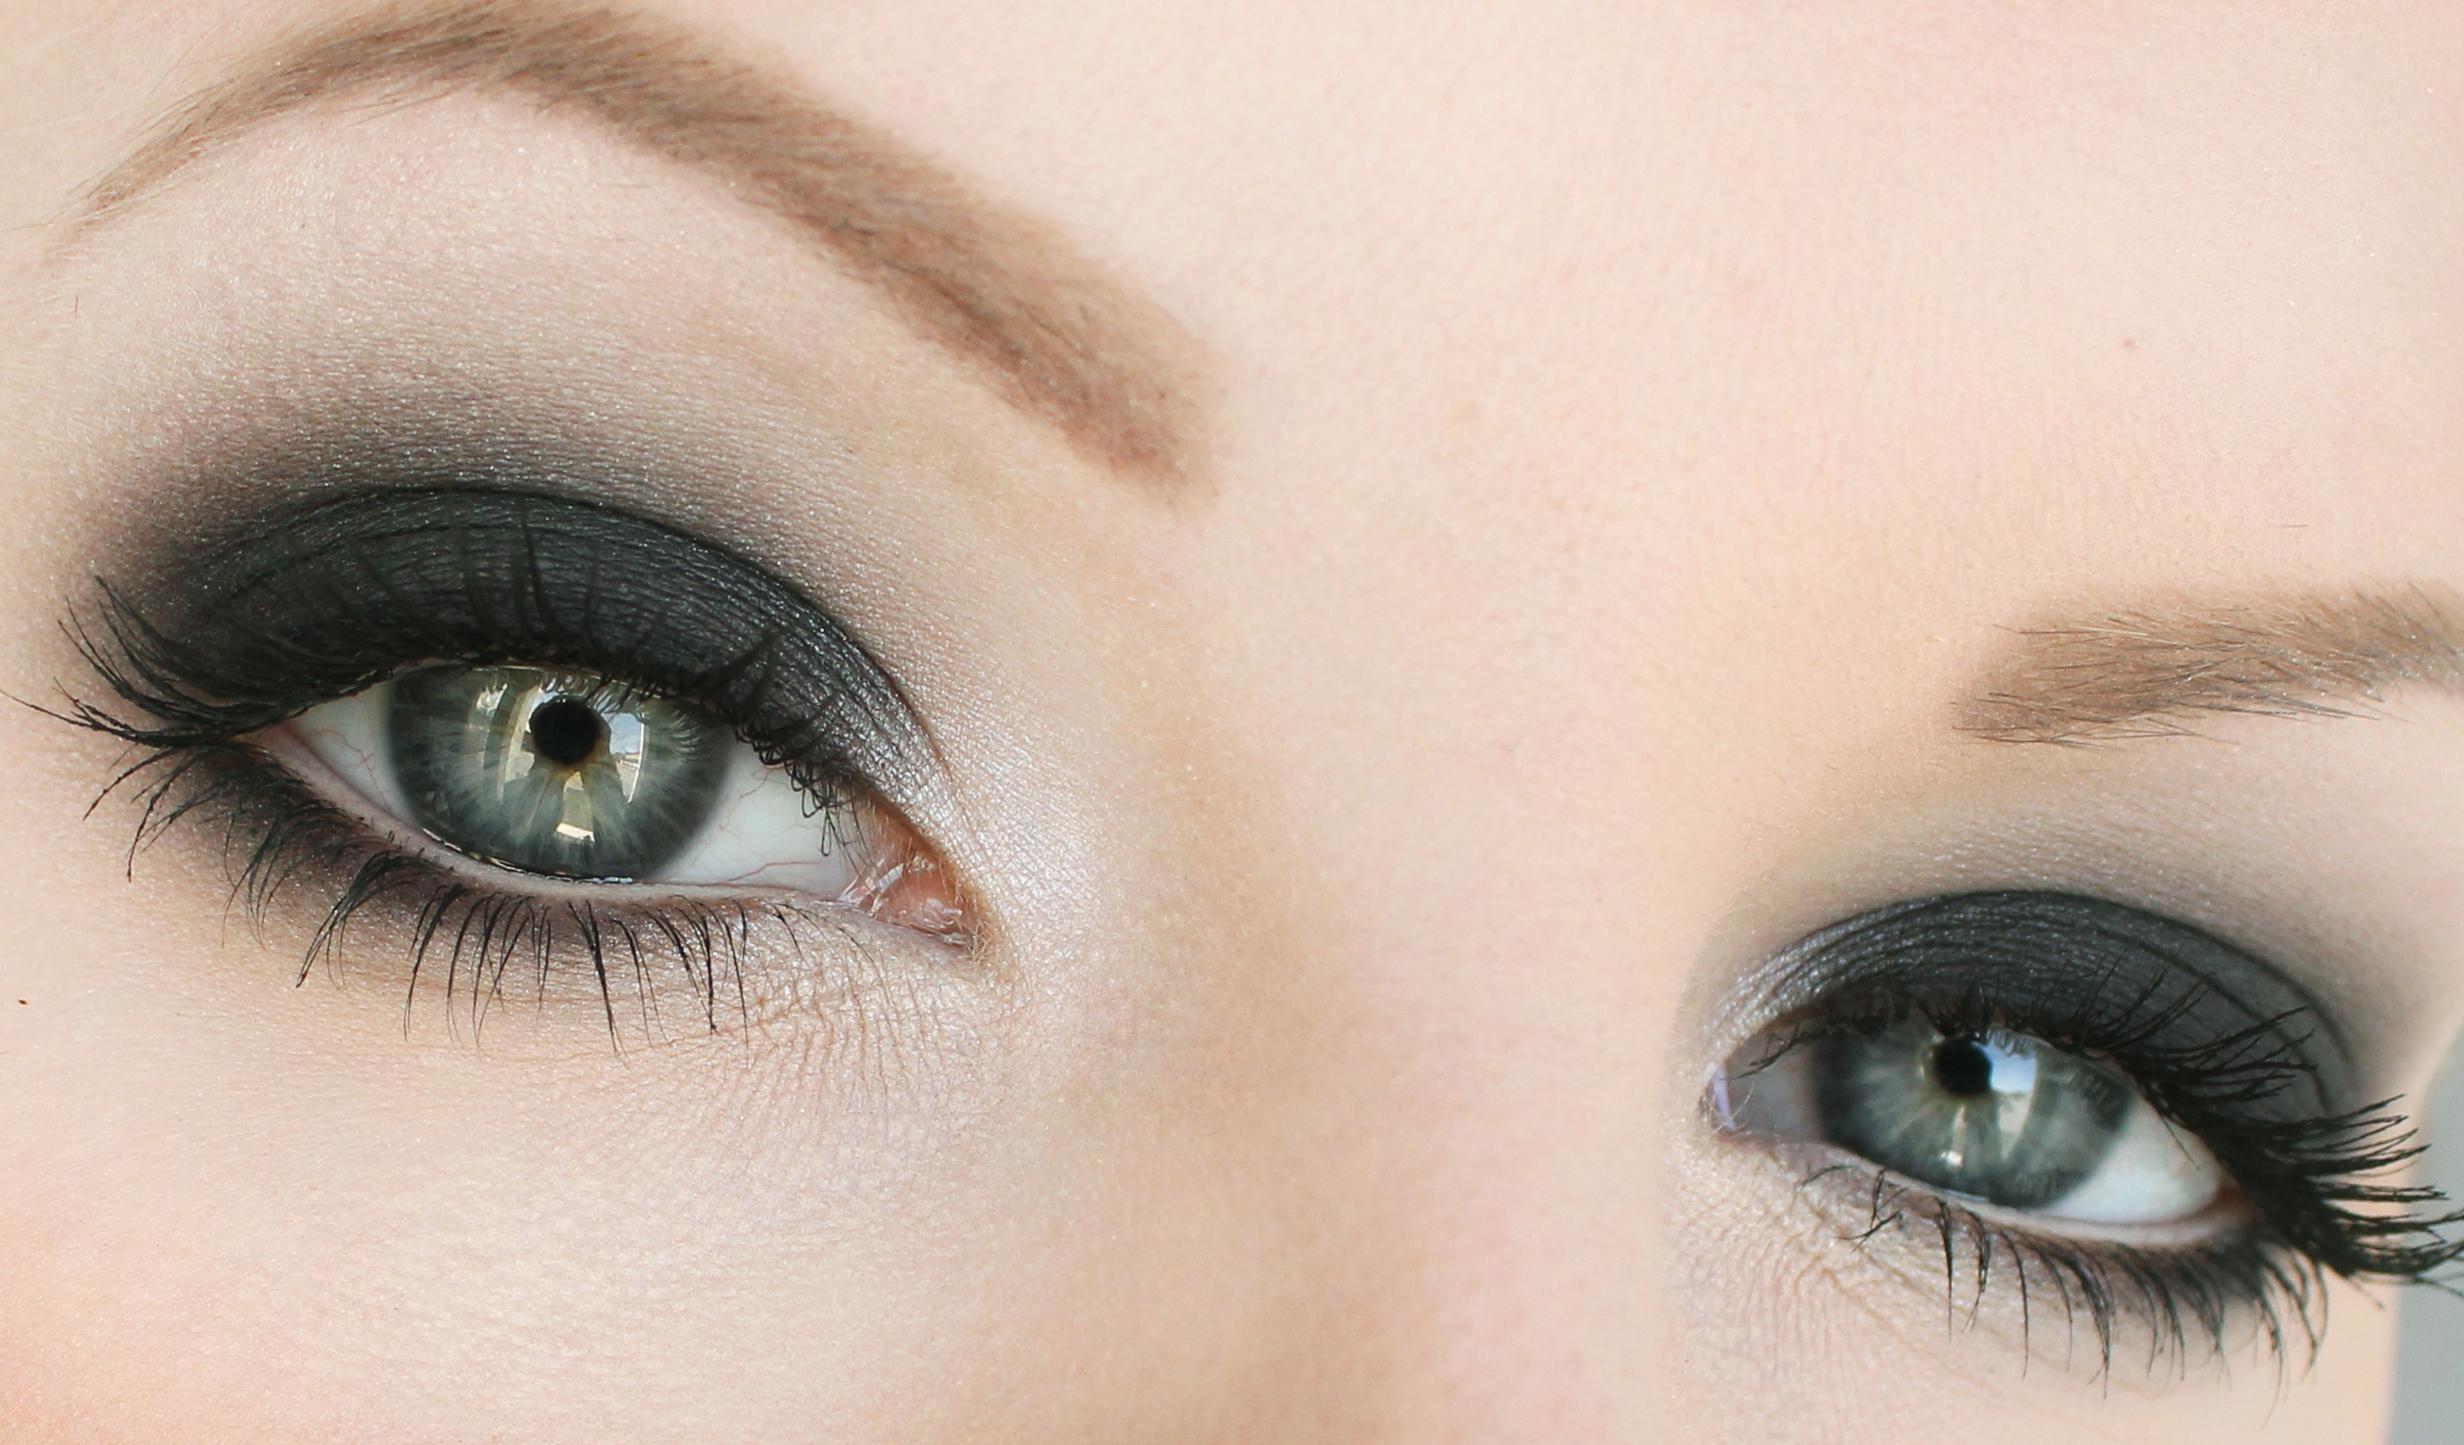 lära sig sminka ögonen